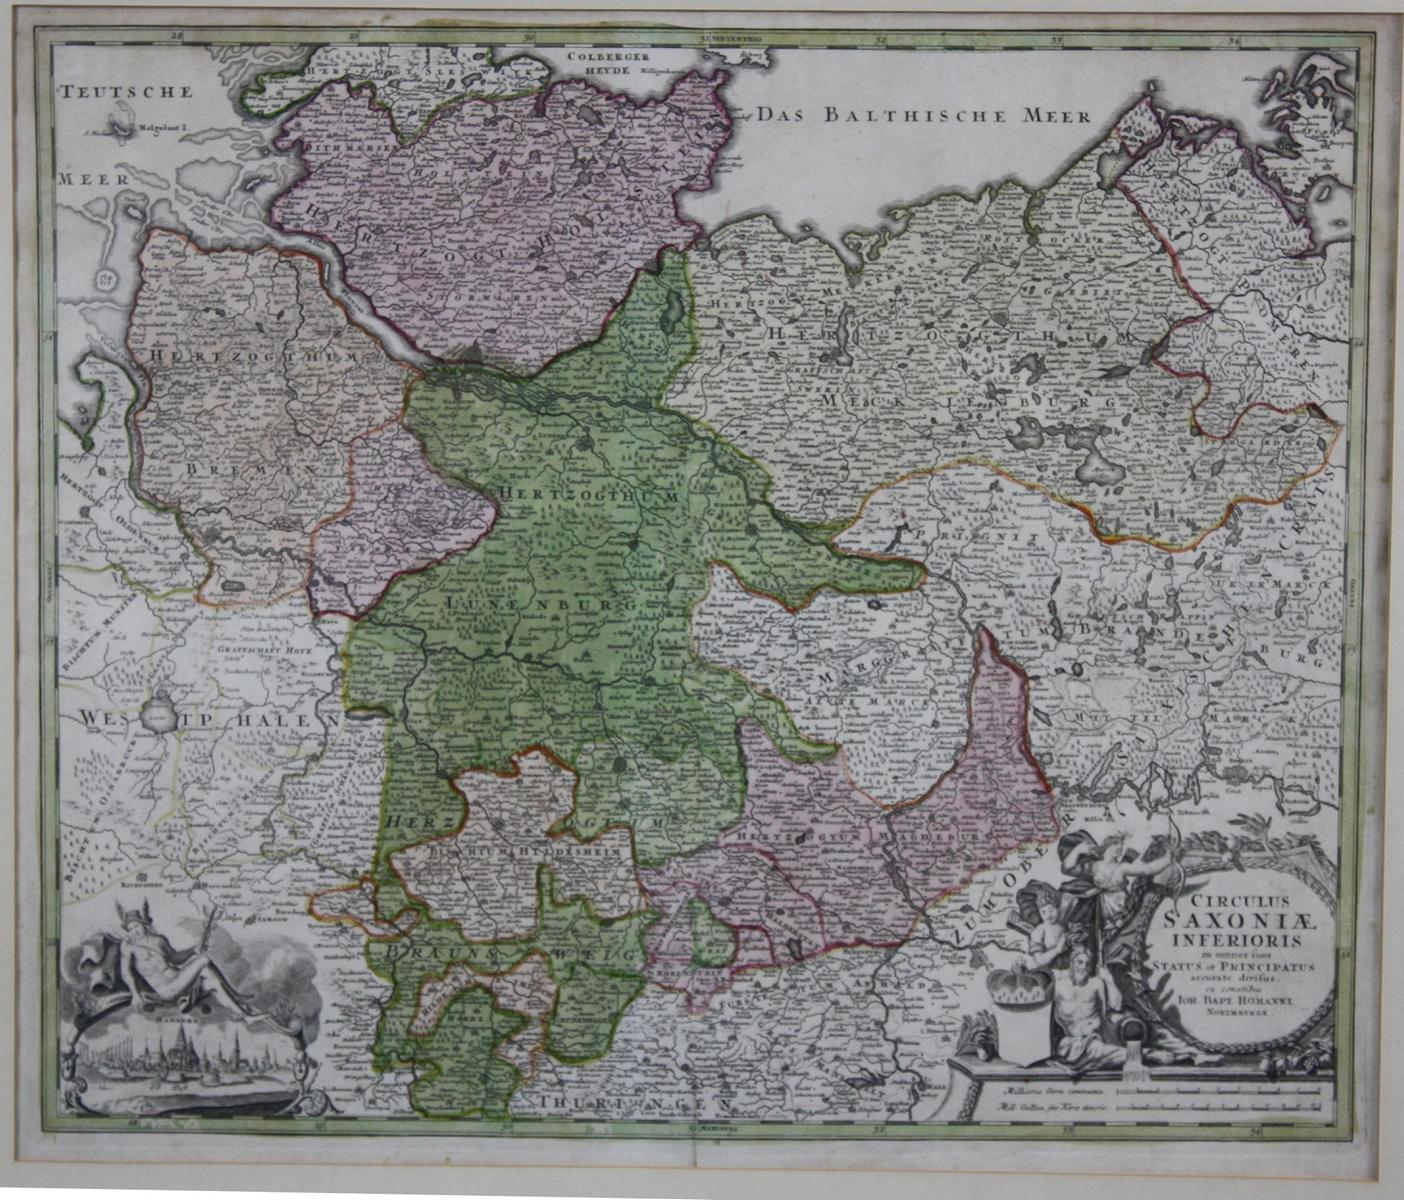 Altkolorierte Kupferstichkarte von Joh. Bap. Homann um 1720-2